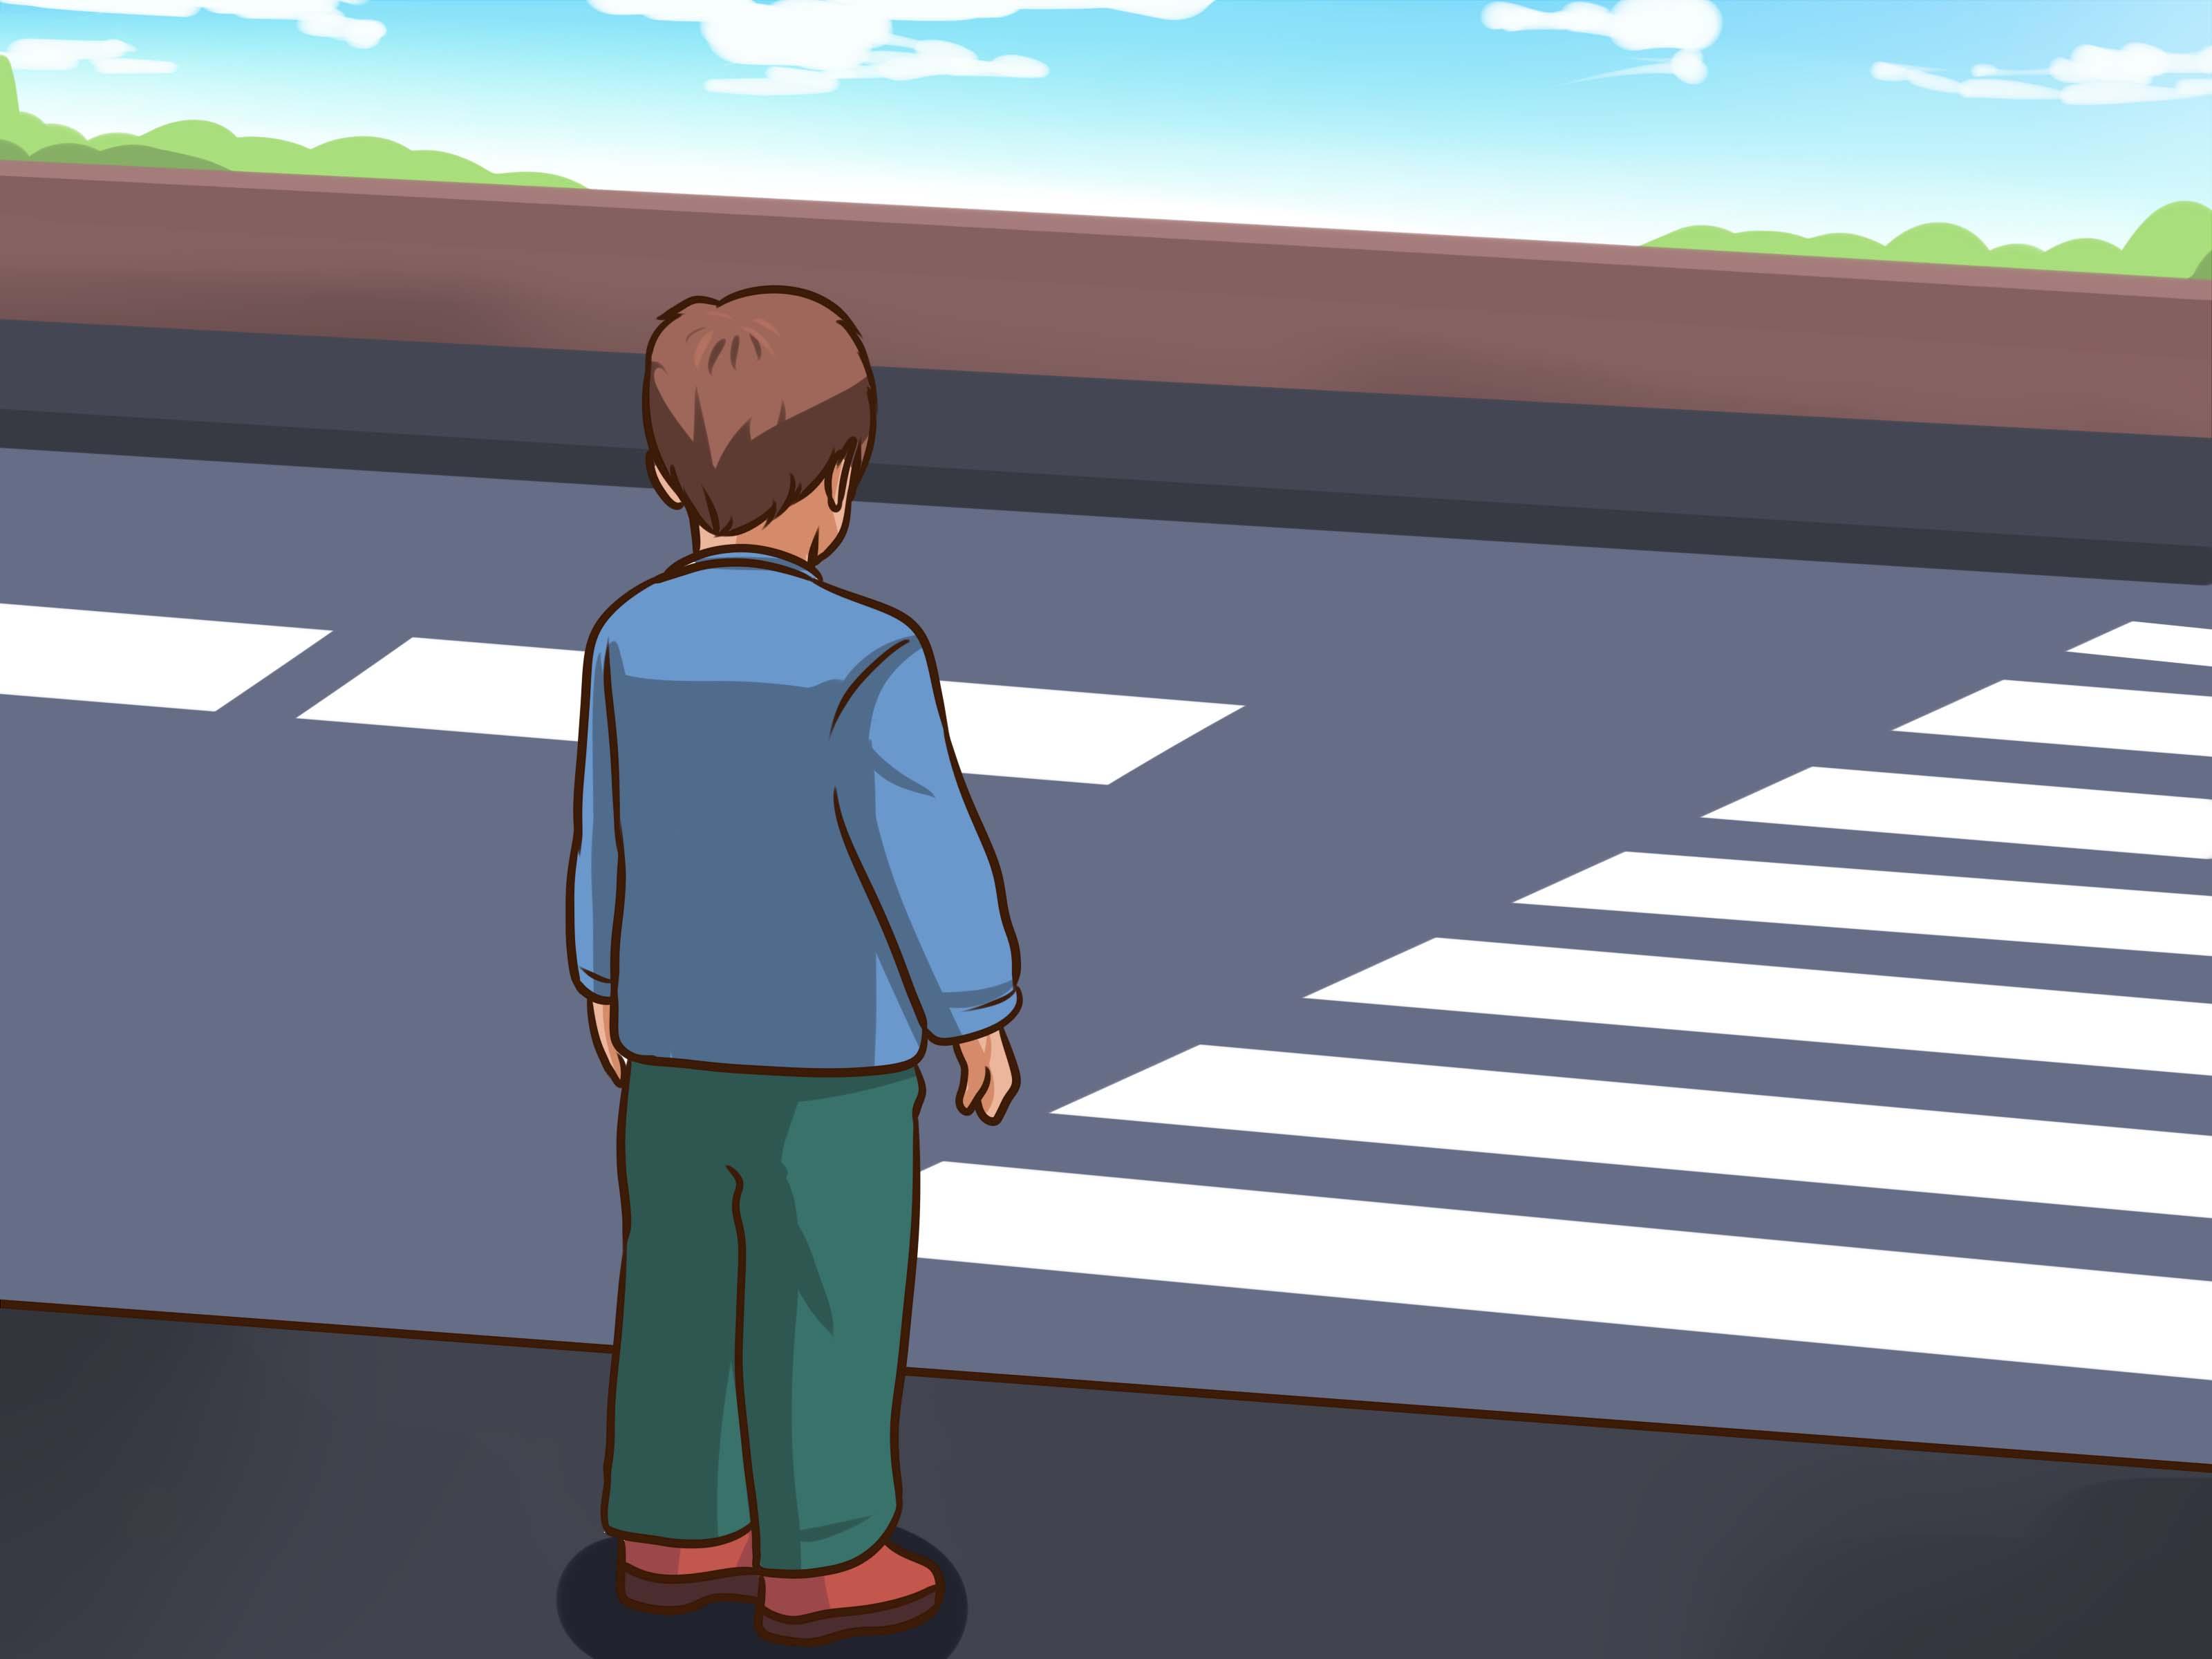 How To Teach Children Basic Street Safety When Walking 8